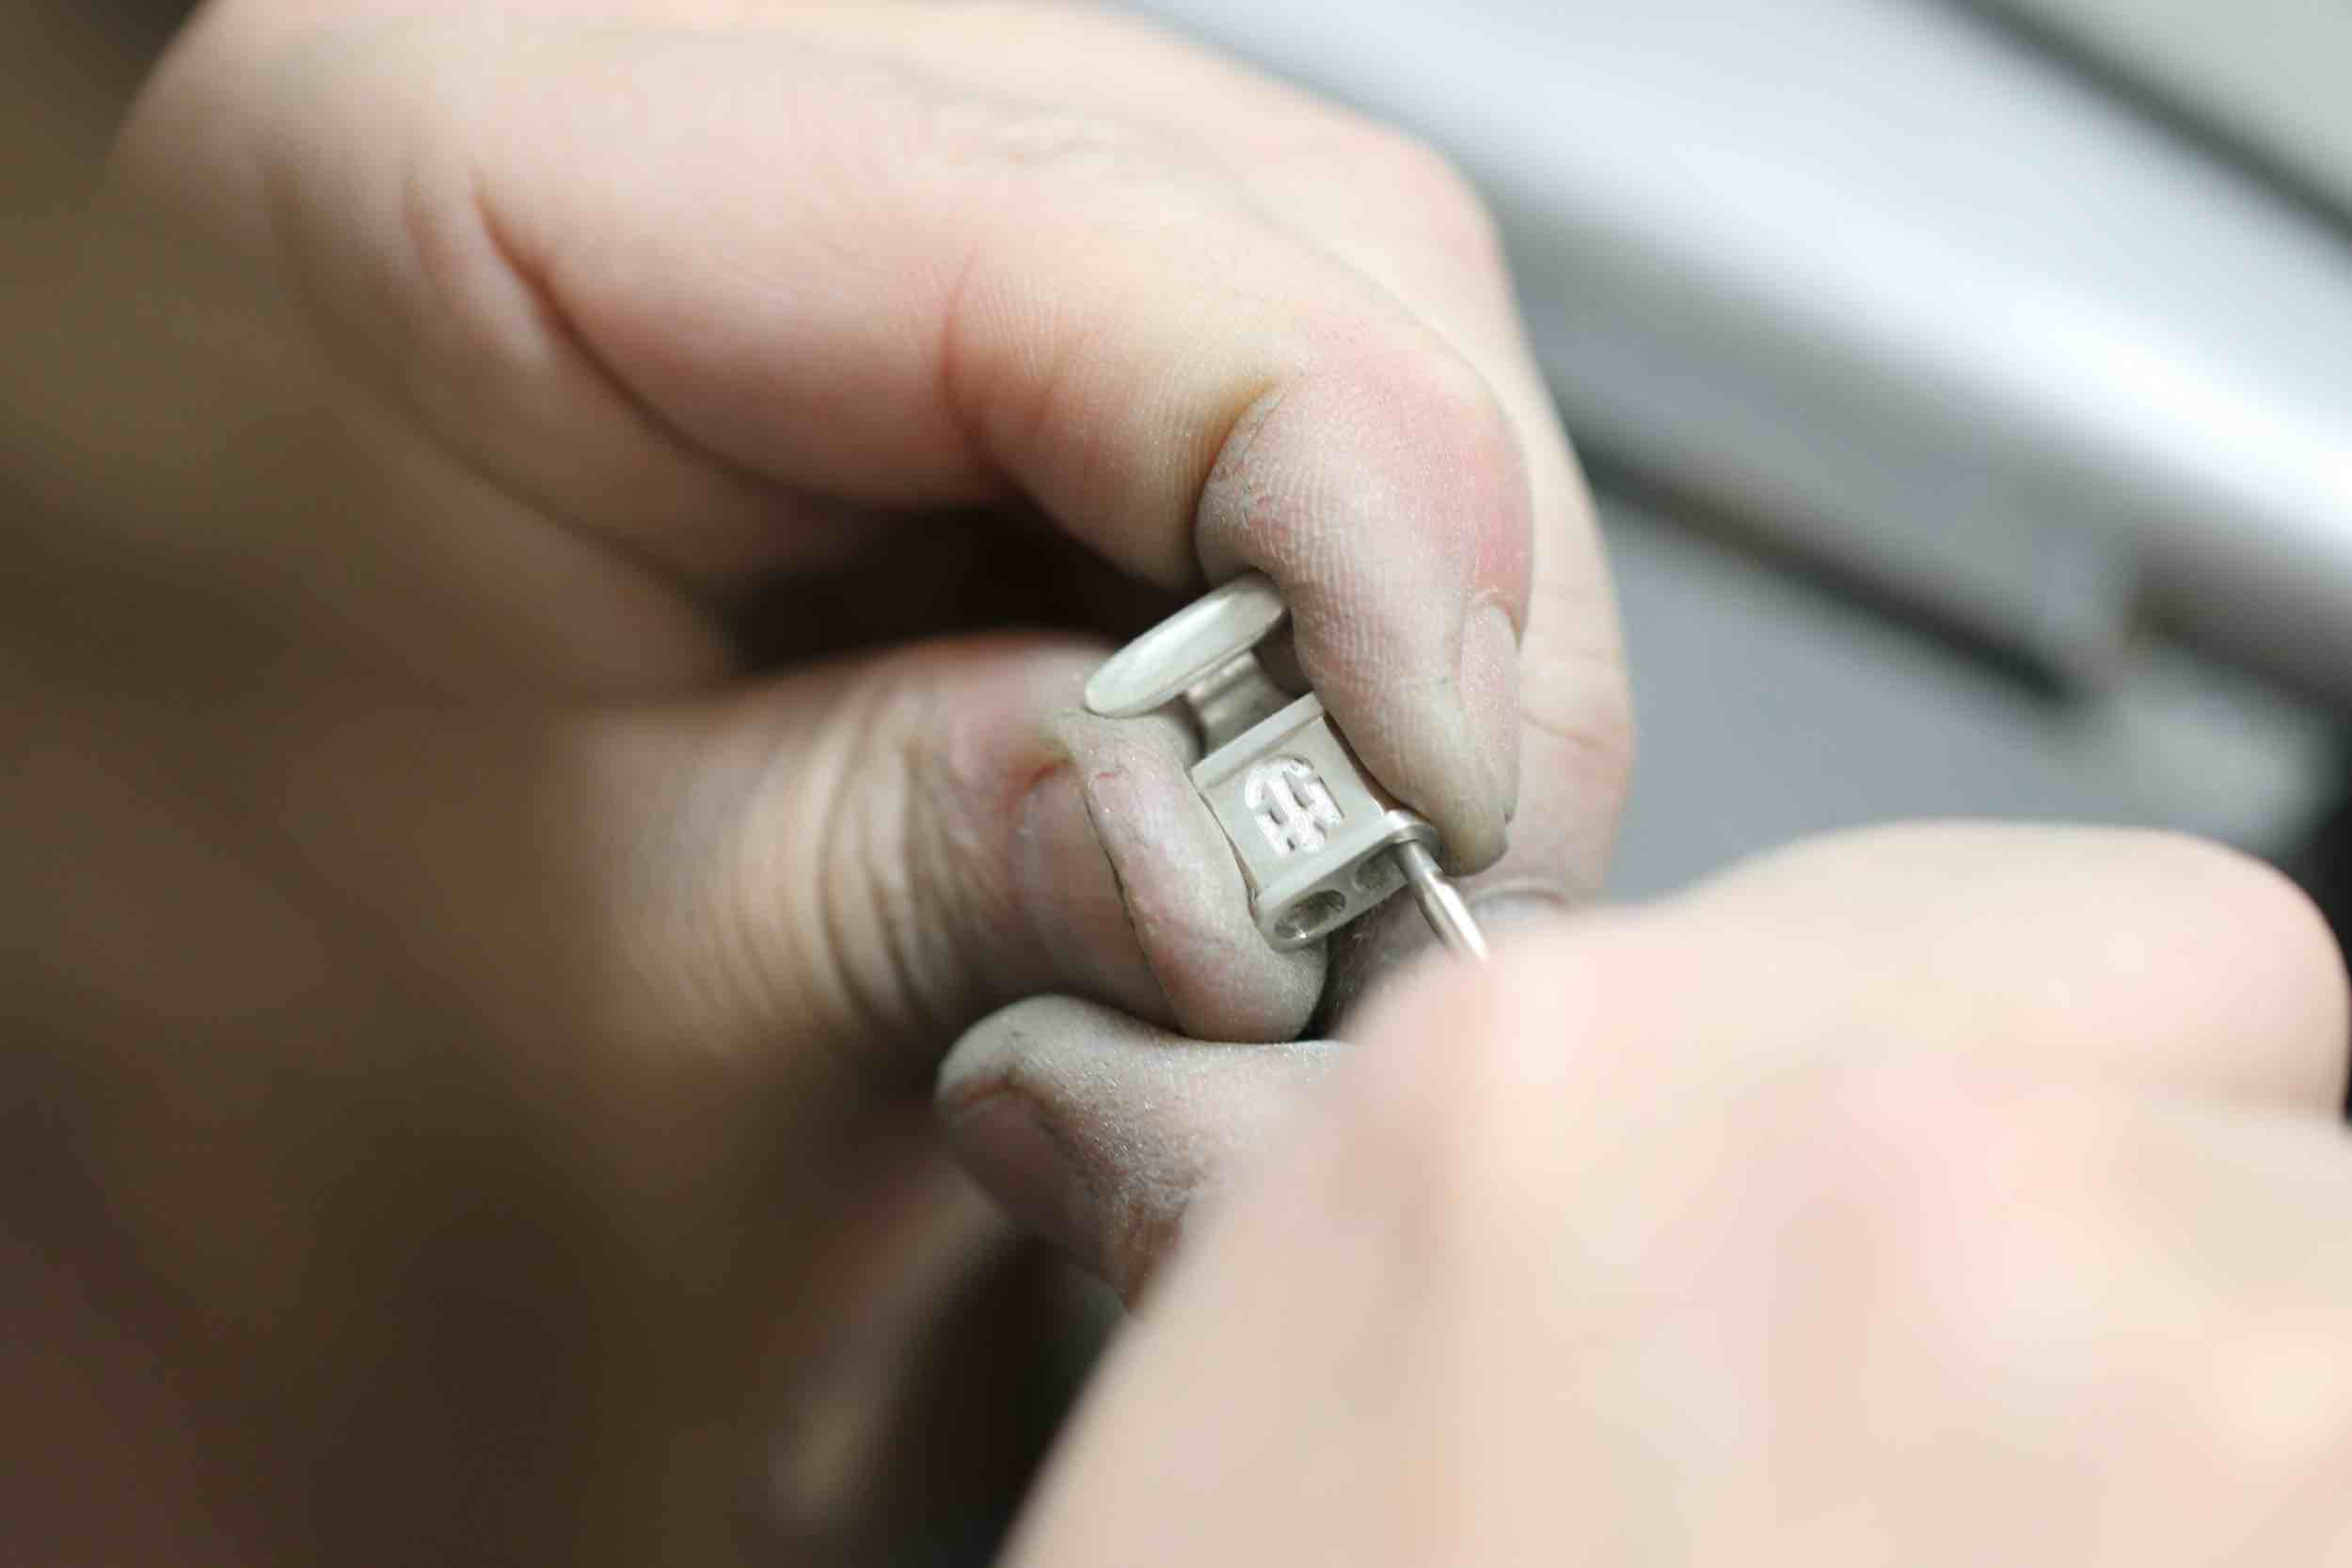 Handarbeit an einem Harbourd Armband durch den Goldschmied aus Hamburg